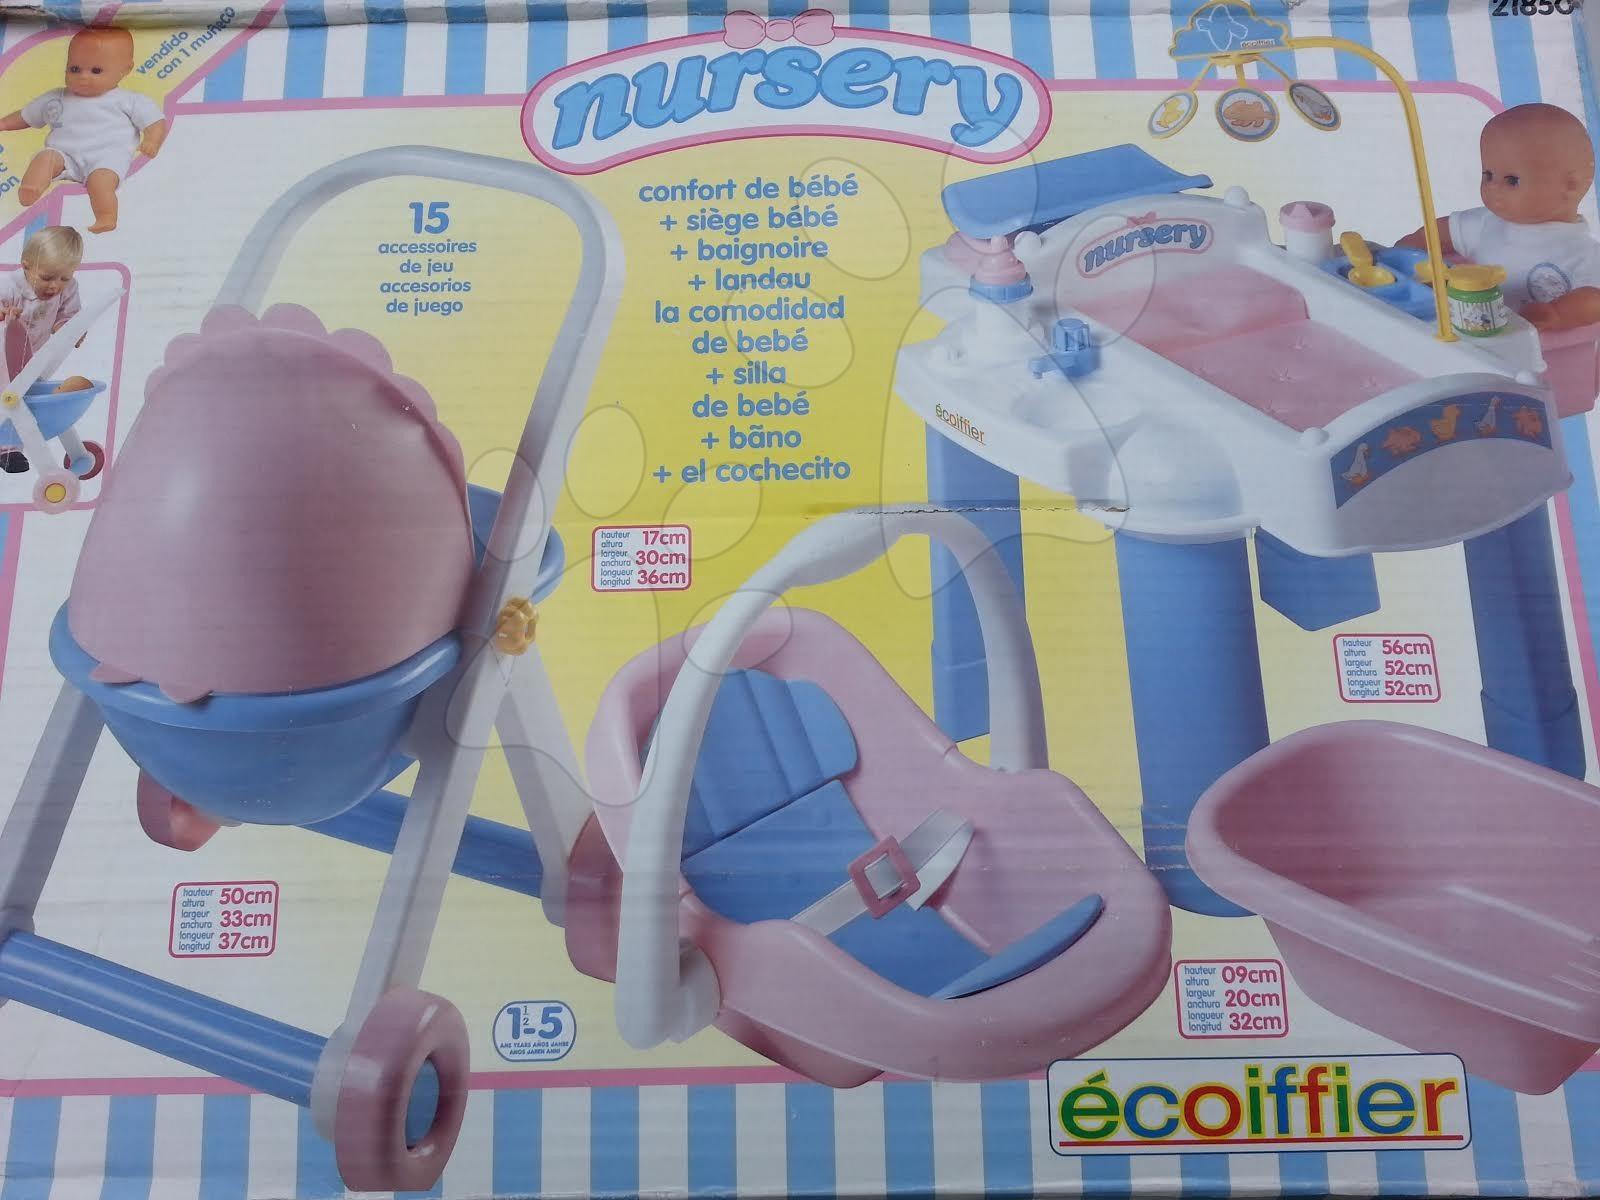 Opatrovateľské centrum pre bábiku Nursery Écoiffier so stolom, kočíkom a autosedačkou s 15 doplnkami od 18 mes